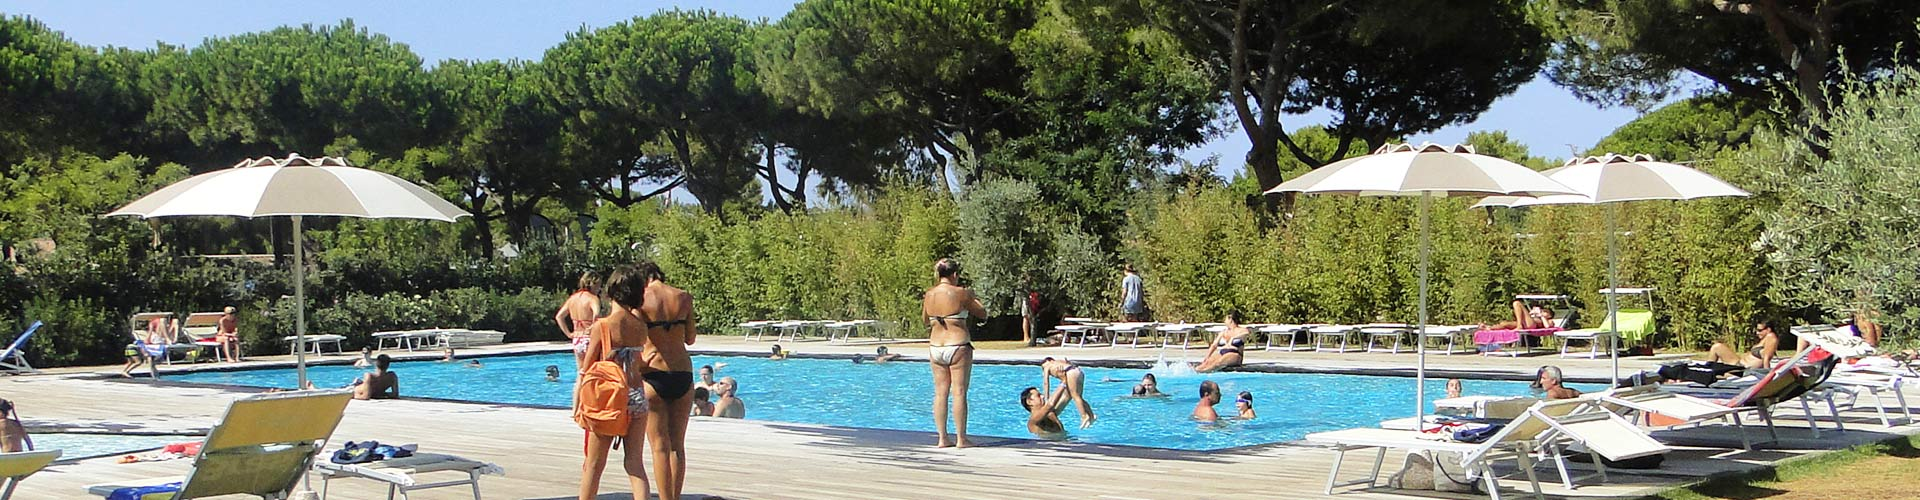 Camping sardaigne bord de mer avec piscine for Camping brignoles avec piscine